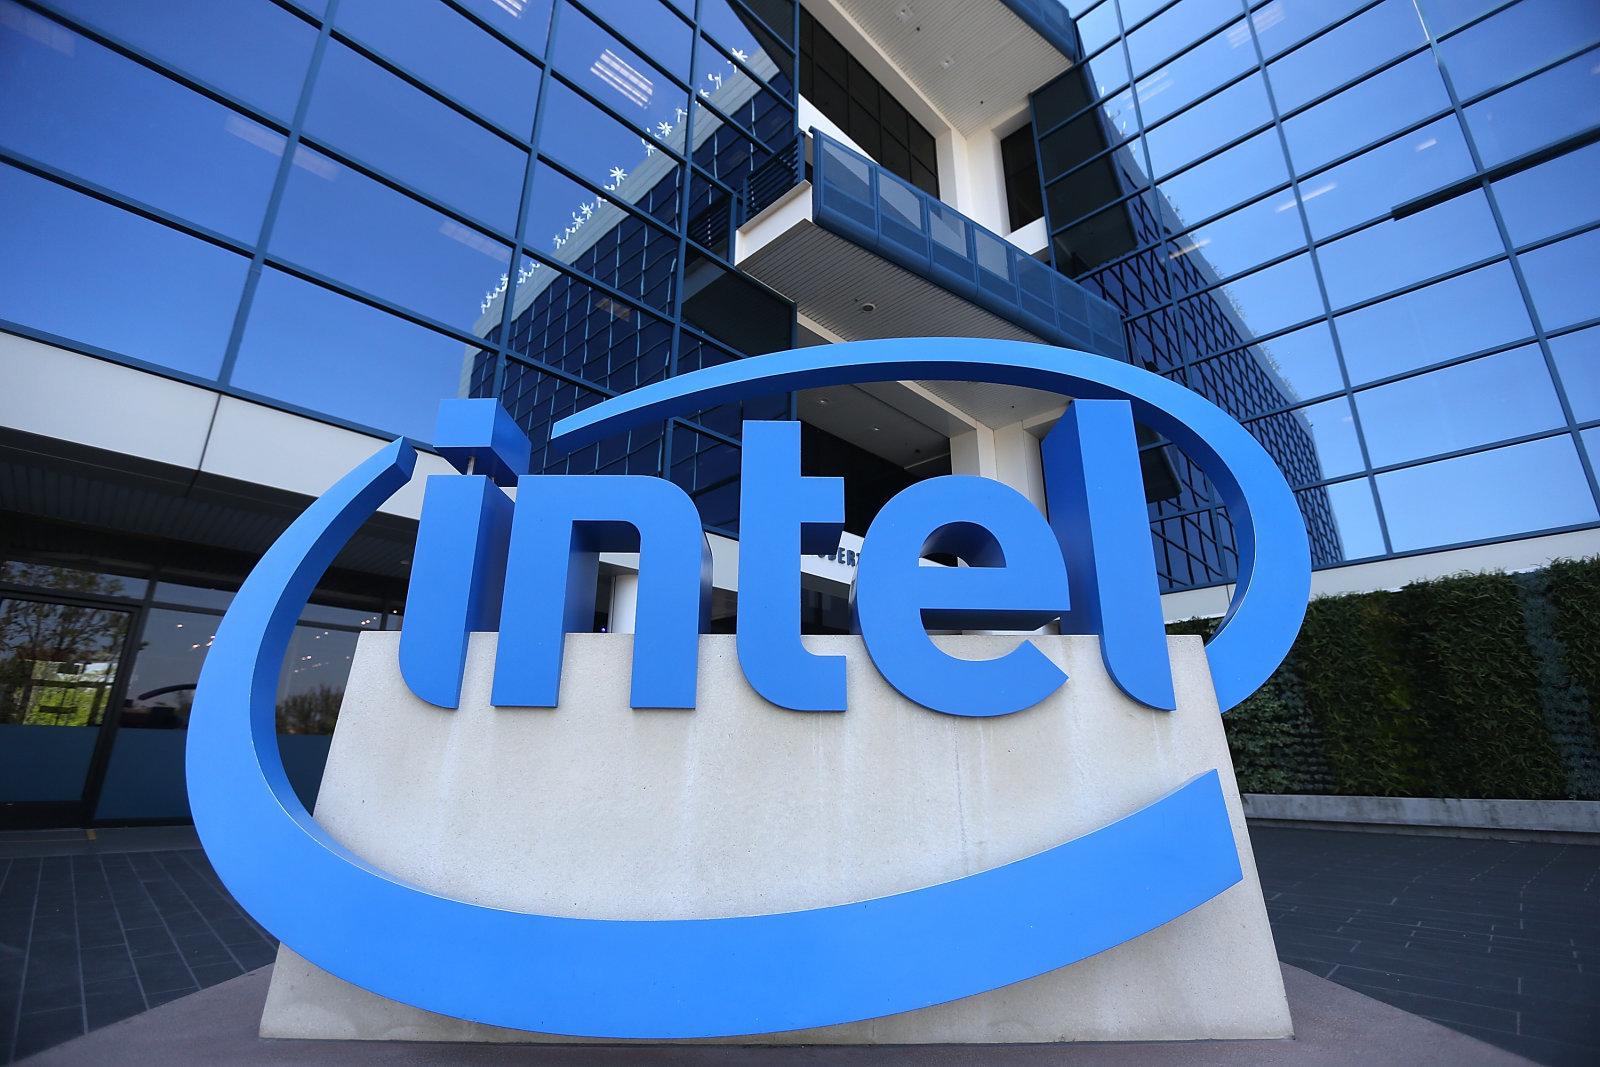 英特尔发布新款CPU微架构:基于10nm工艺 明年上市